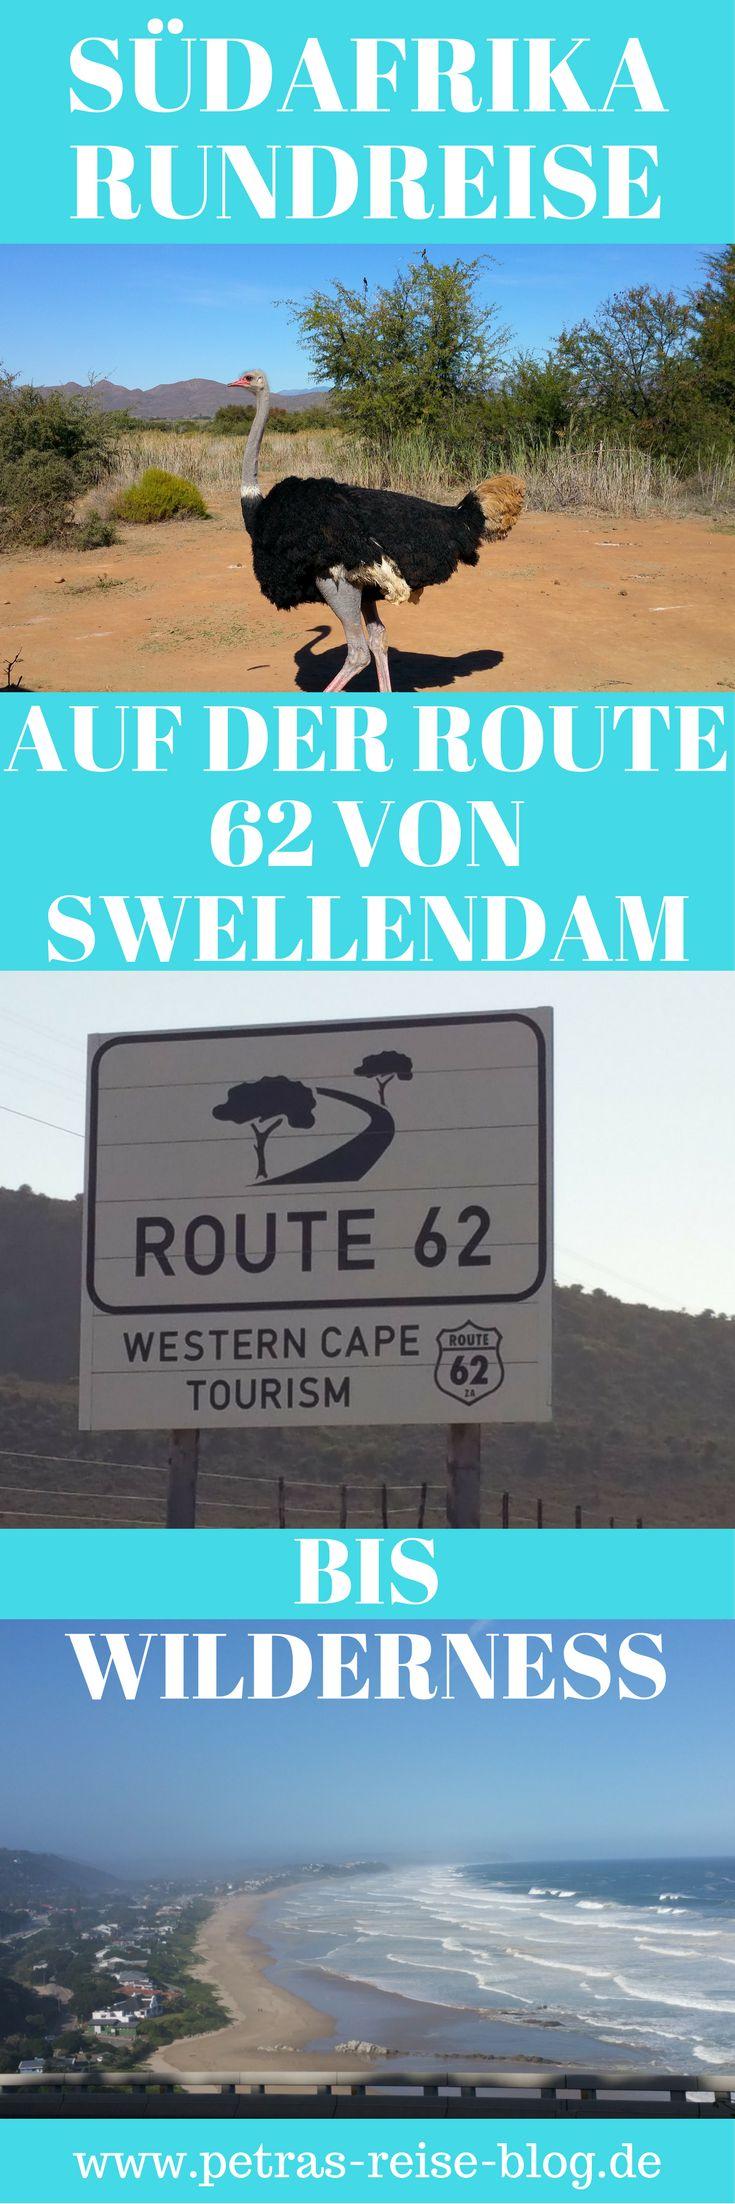 """SÜDAFRIKA RUNDREISE - HEUTE FAHREN WIR AUF DER ROUTE 62 VON SWELLENDAM BIS WILDERNESS: Mittags sitzen wir auf dem Strauß und abends liegt """"er"""" auf dem Teller. Von einer traumhaften Strecke, sagenhaften Stränden und unseren Erlebnissen """"im Hyundai I10 durch Südafrika erzählen wir euch gerne…"""